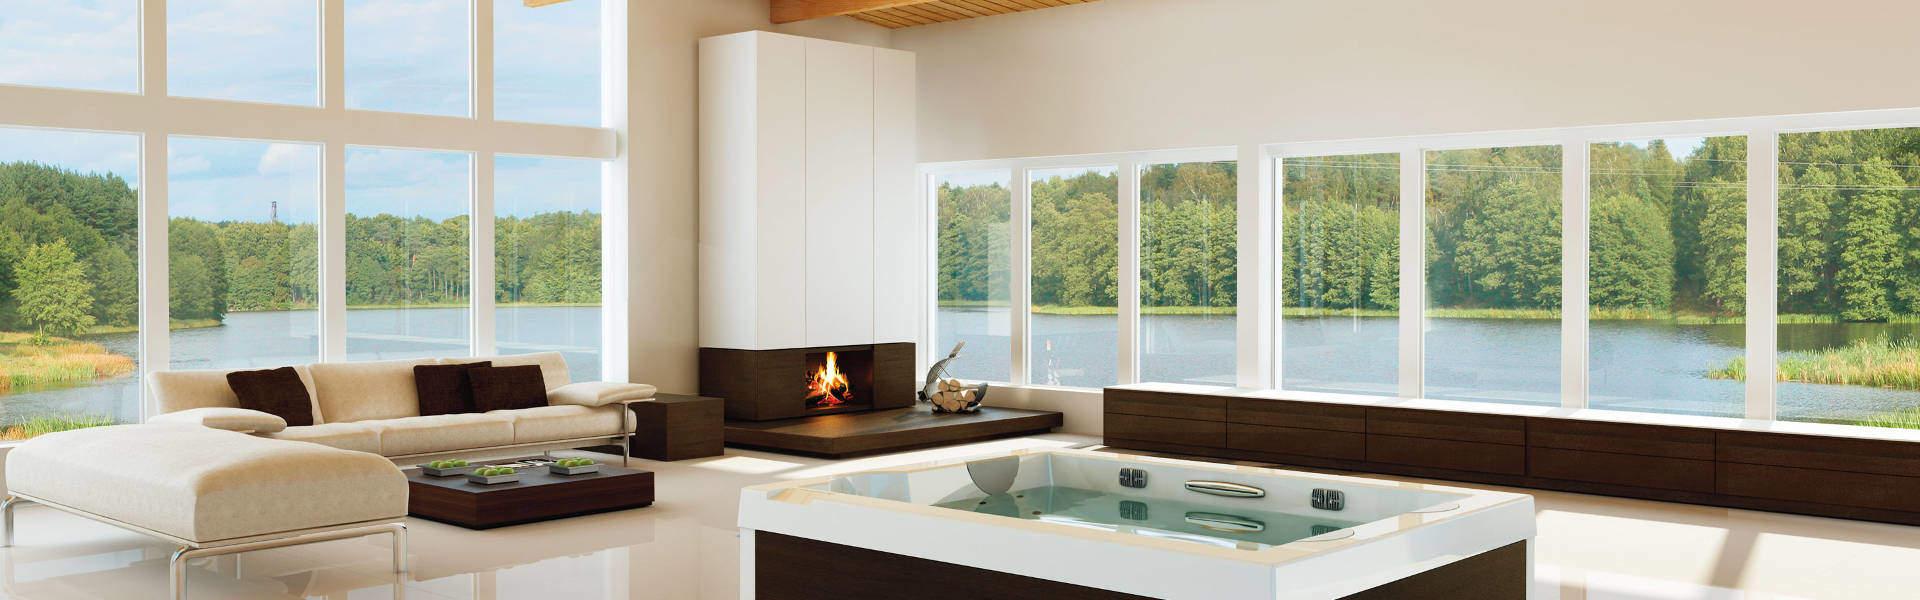 sav spa culturespas jacuzzi bordeaux qualit r activit. Black Bedroom Furniture Sets. Home Design Ideas